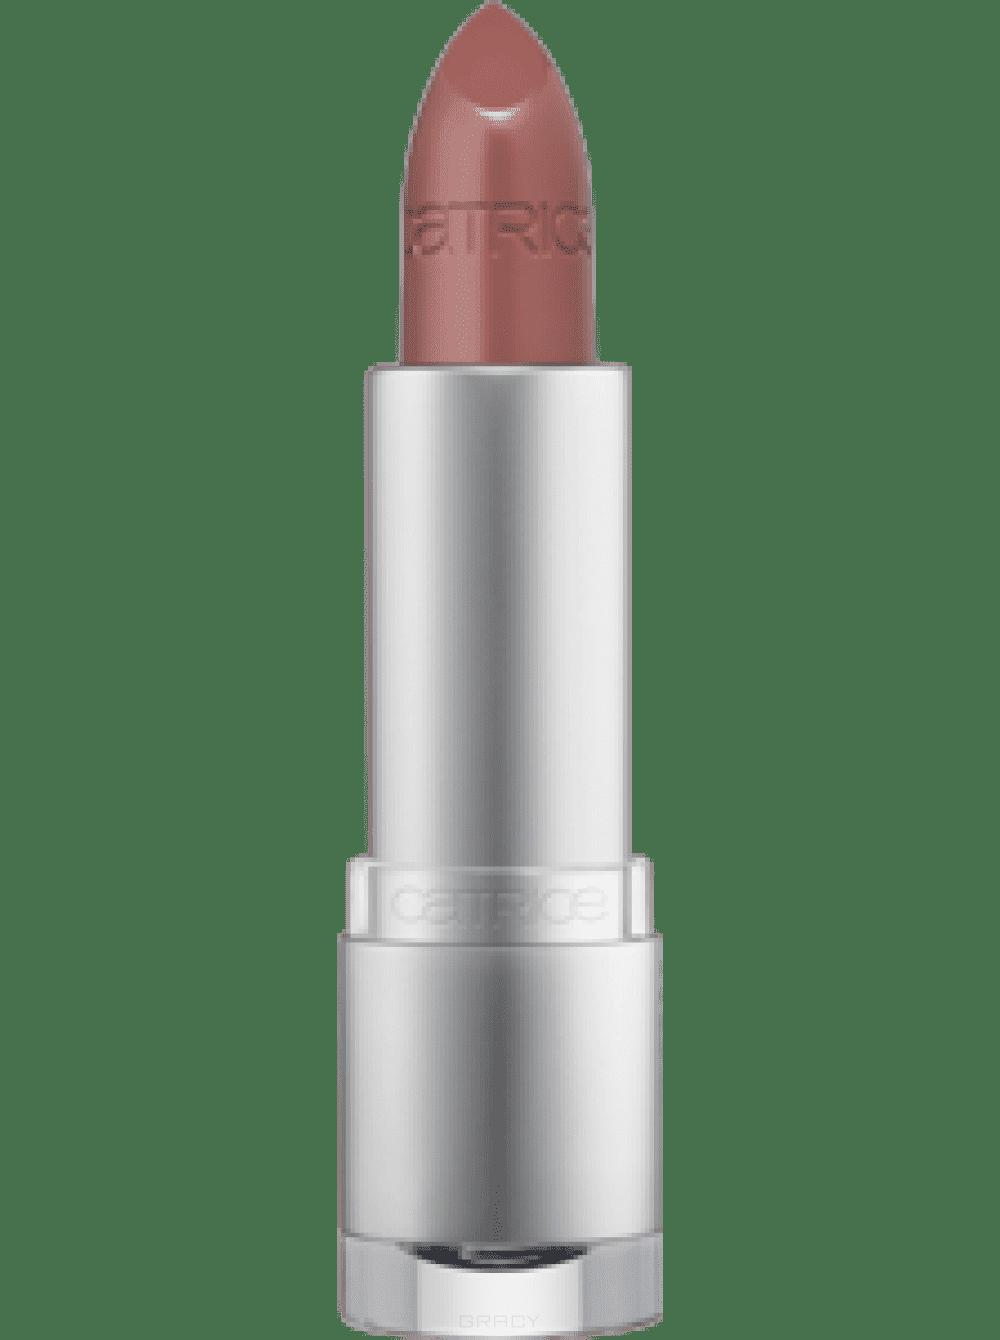 все цены на Catrice Губная помада Luminous Lips Lipstick Let s Go Brown-Town, тон 020 молочный шоколад, 3,5 г, Губная помада Luminous Lips Lipstick Let s Go Brown-Town, тон 020 молочный шоколад, 3,5 г, 3,5 г онлайн